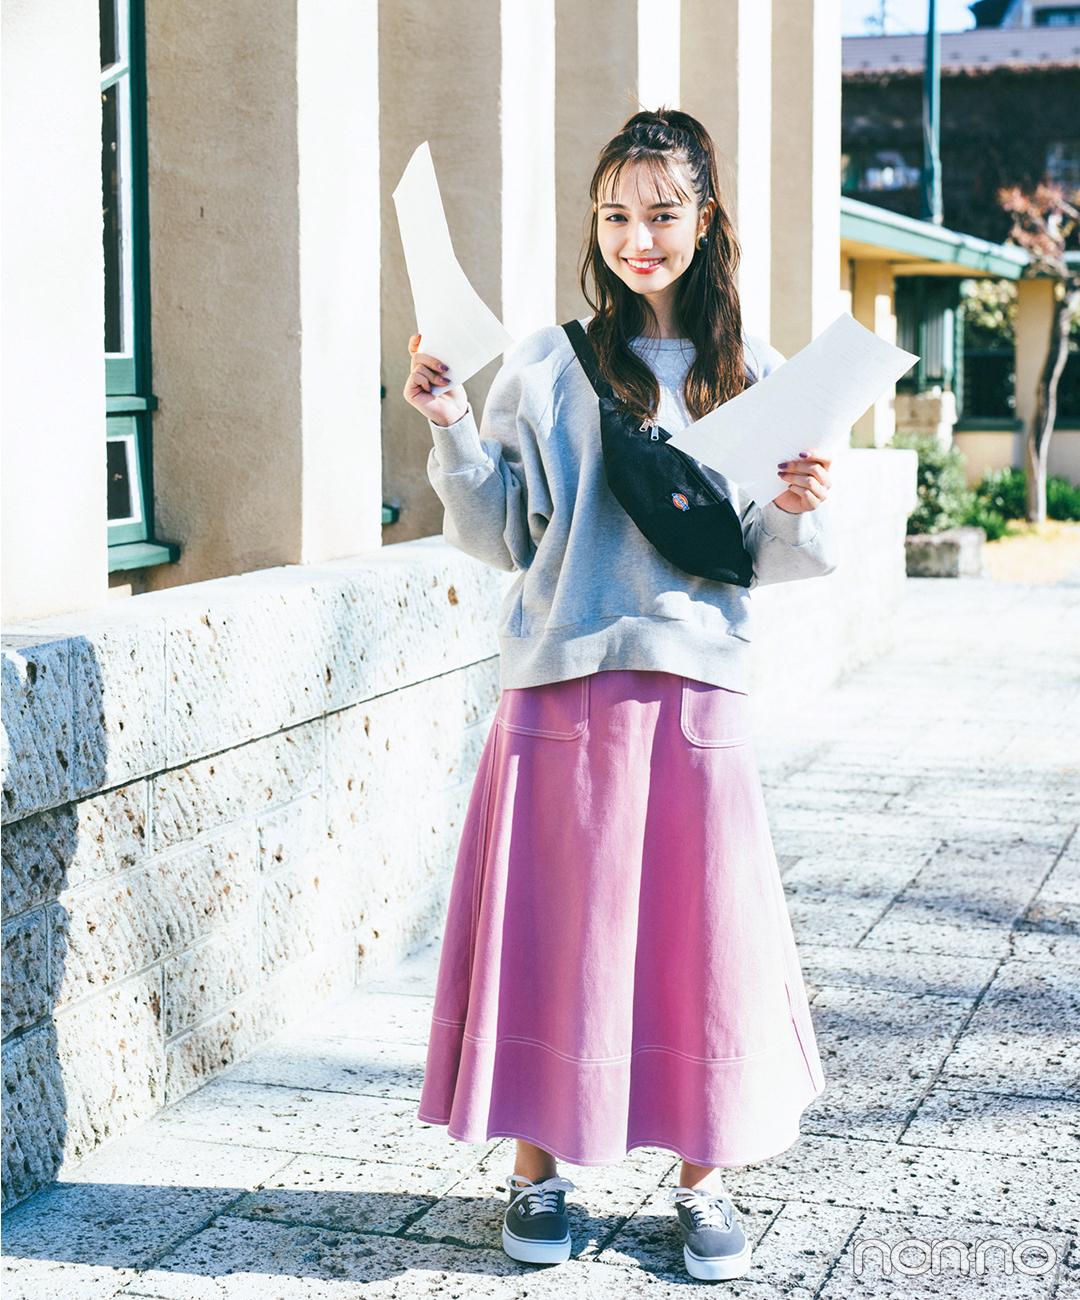 ガーリーなピンクスカートをスウェットでスポーツミックスが気分【毎日コーデ】